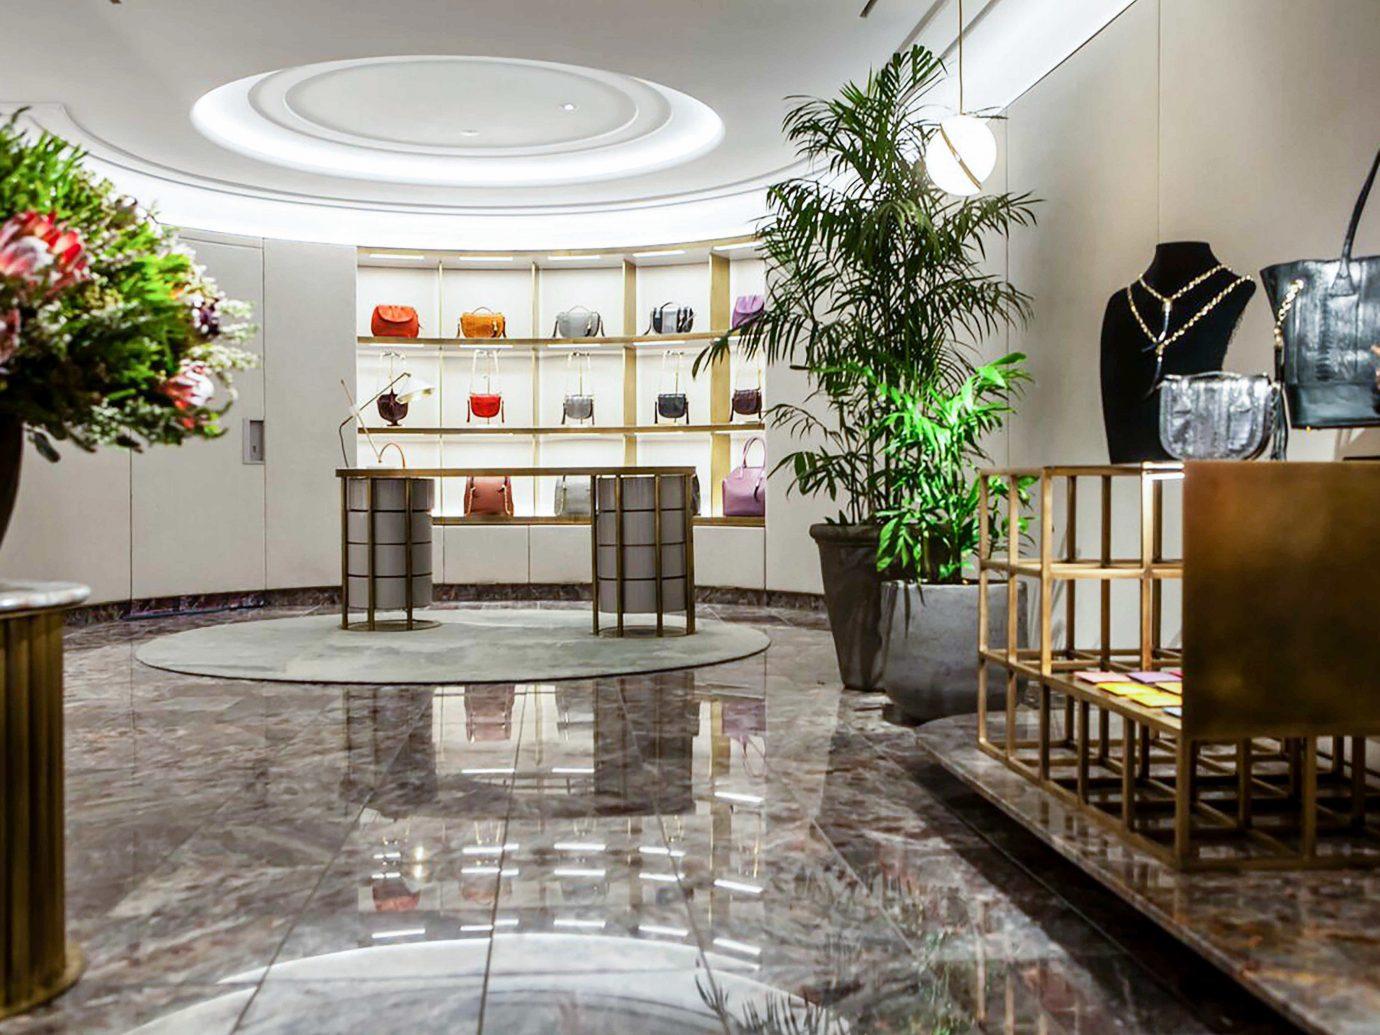 Arts + Culture Trip Ideas indoor interior design Lobby table furniture living room dining room interior designer flooring